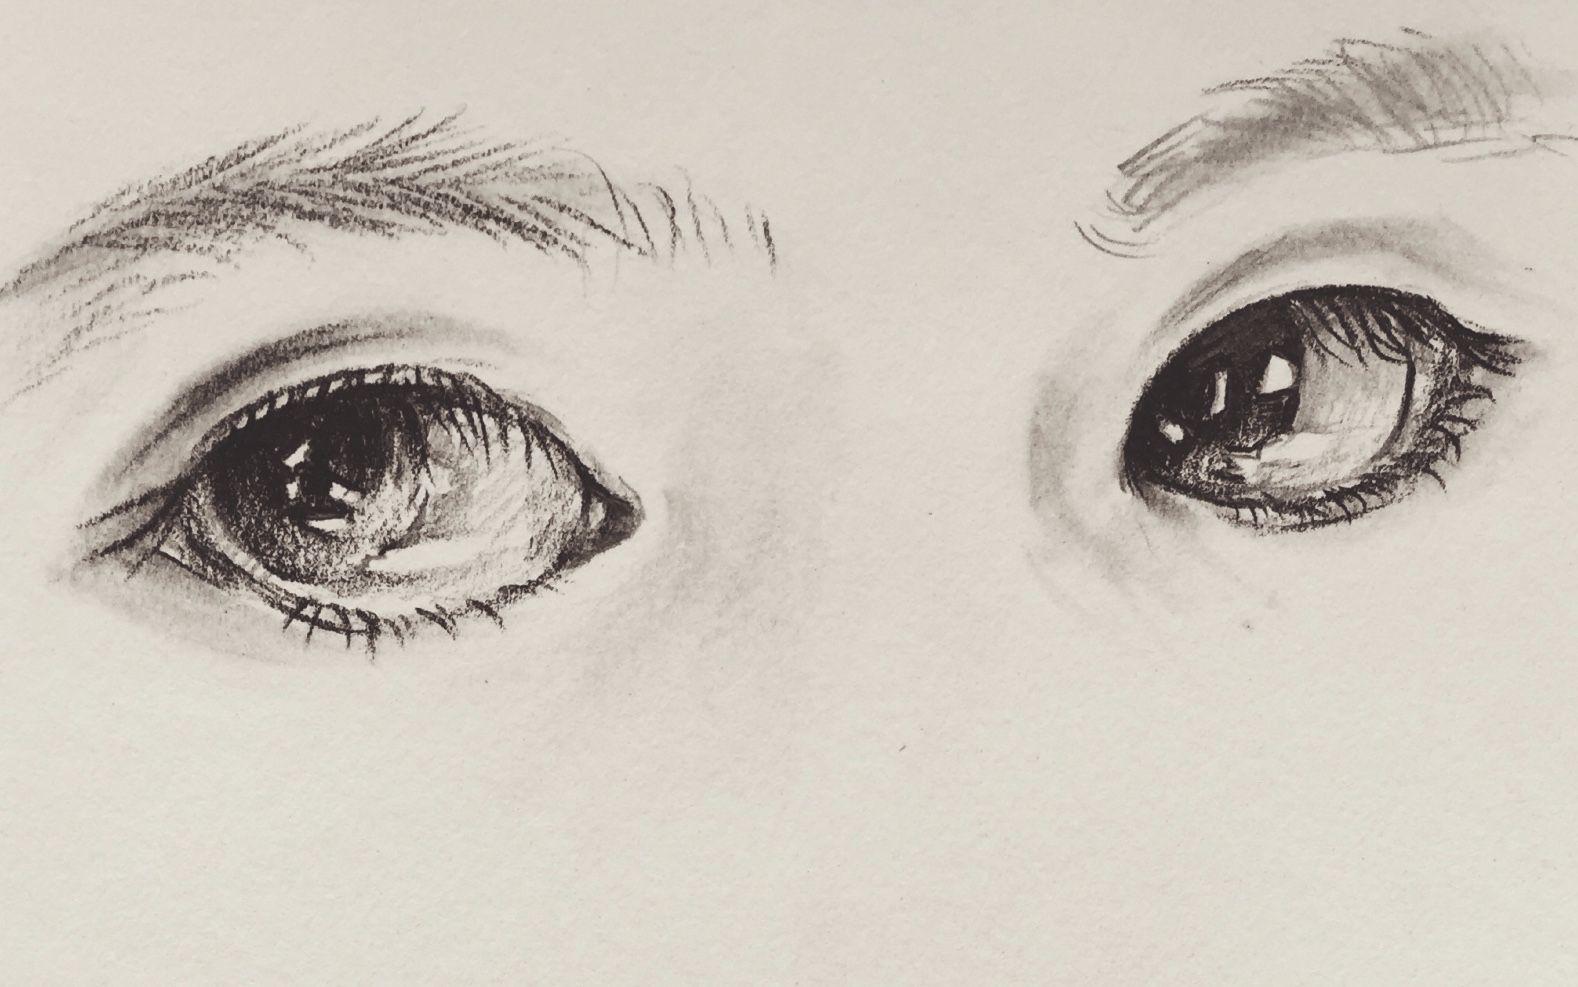 手绘 如何画眼睛们 上 4个 哔哩哔哩 ゜ ゜ つ